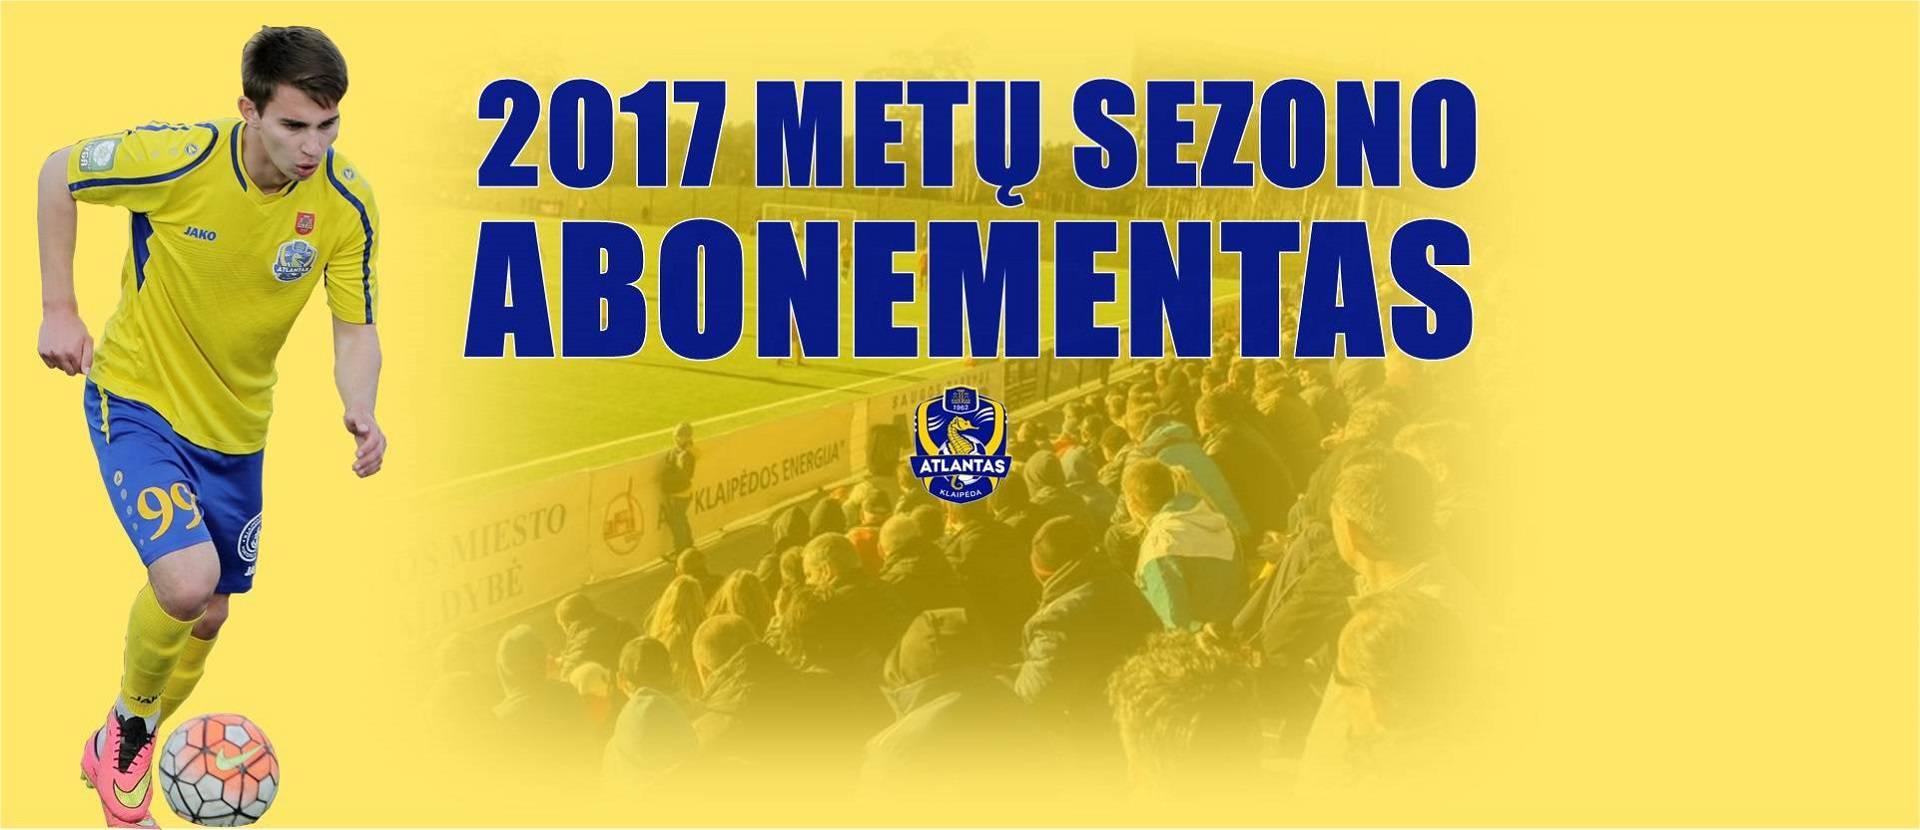 """Futbolo klubo Klaipėdos """"Atlantas"""" 2017 m. abonementas"""